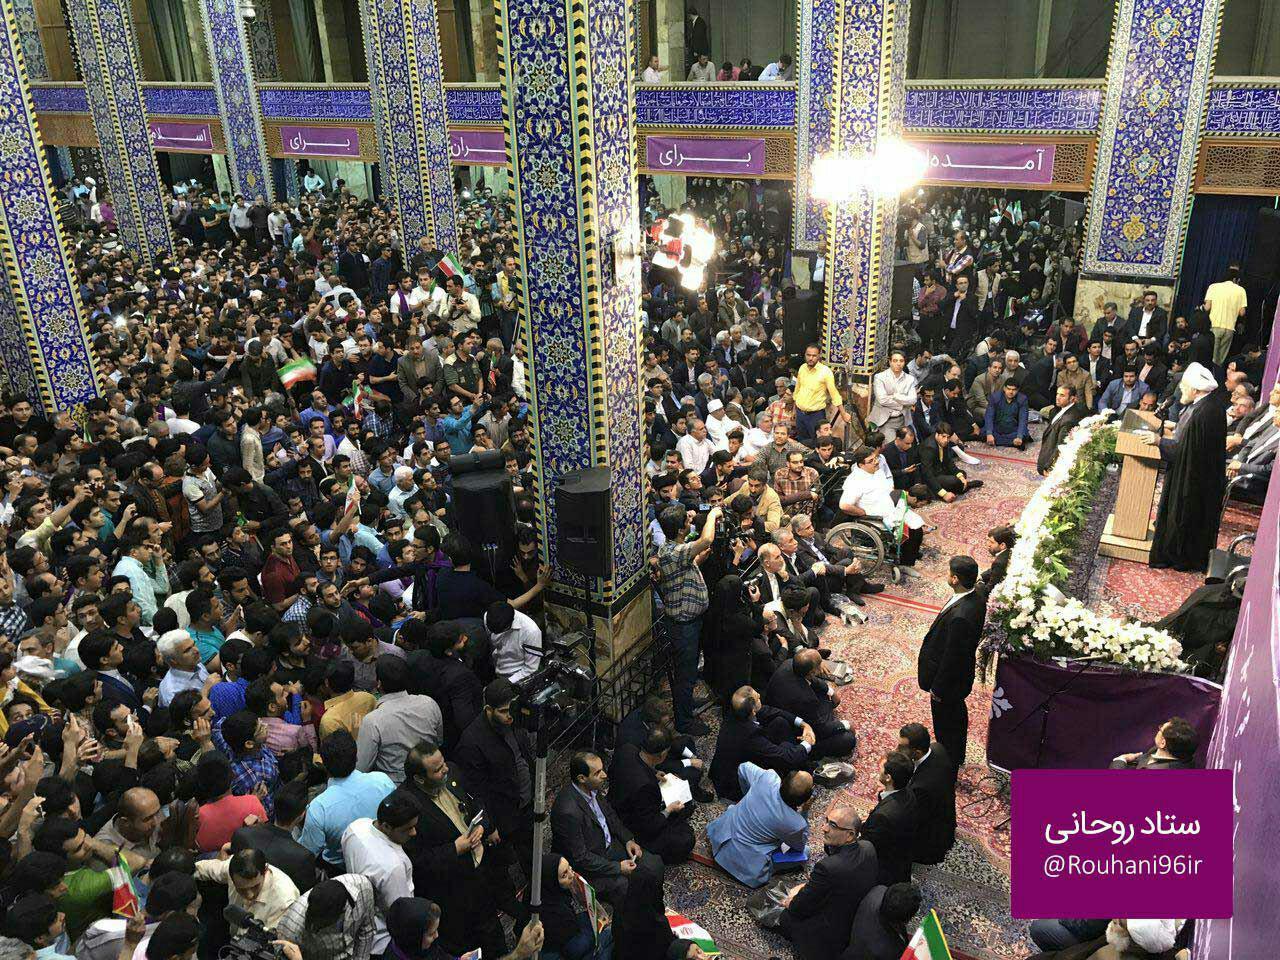 روحانی در یزد: اینجا شهر برادرعزیزم خاتمی است/شعار مردم درباره حصر+فیلم و تصاویر